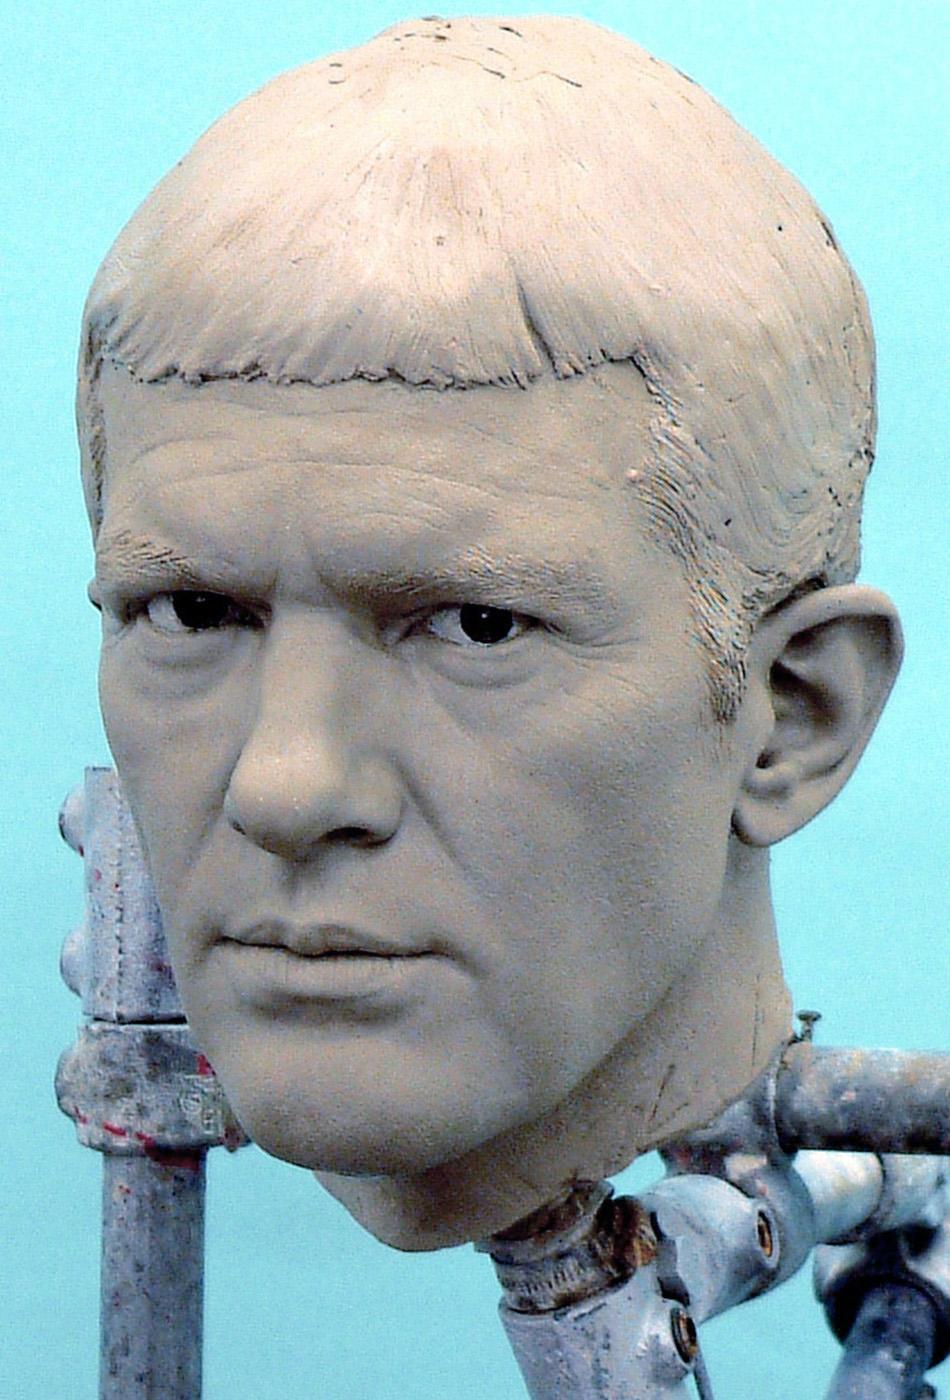 Portrait sculptor Antonio Banderas